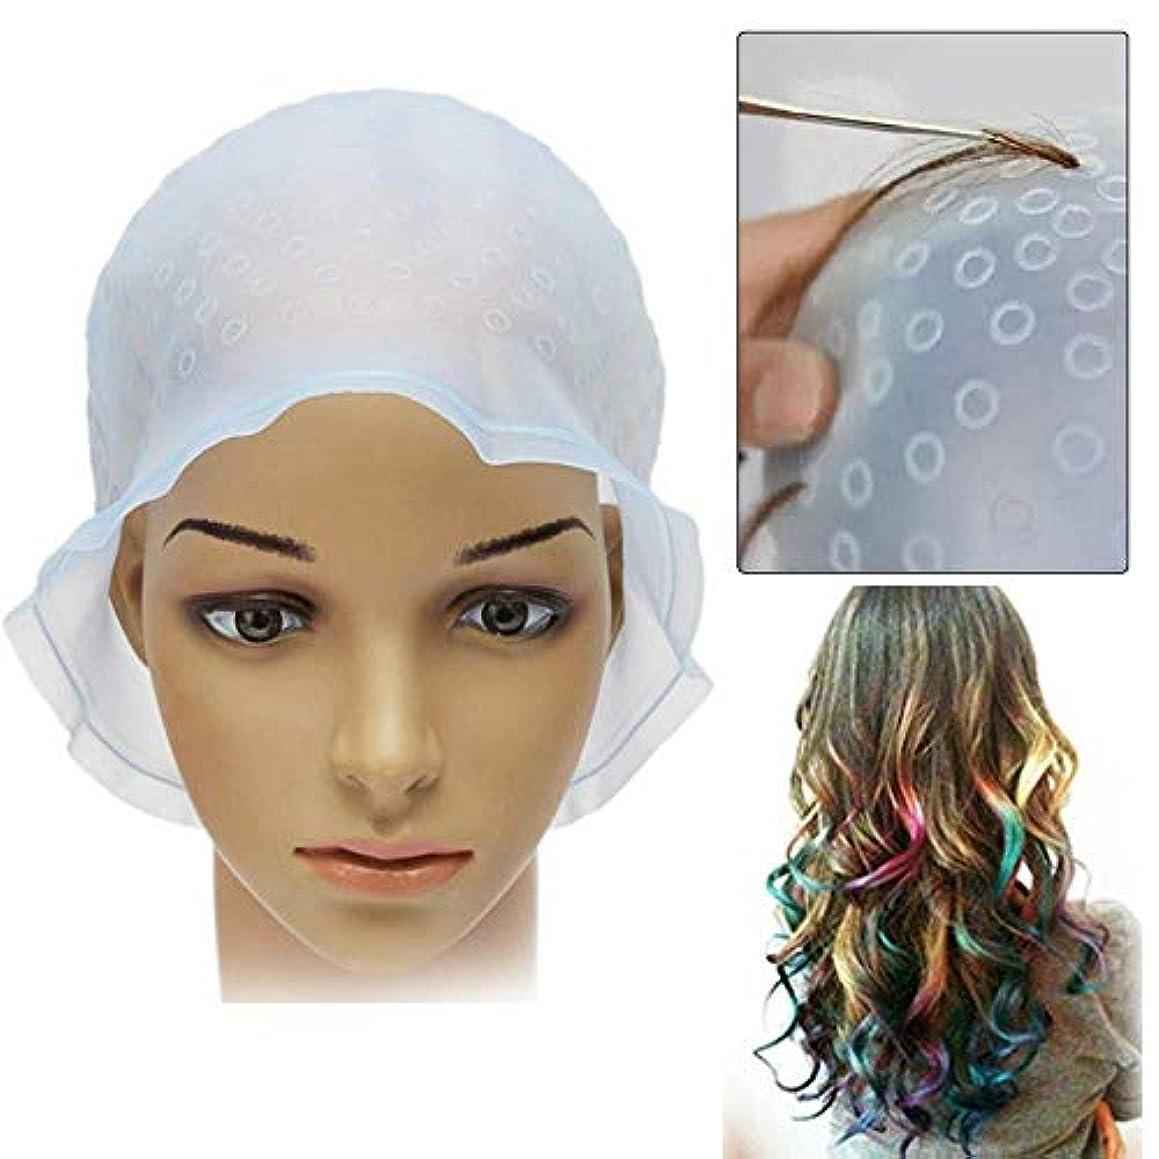 バイアスずらすペルー毛染め メッシュキャップ ヘアカラー 髪 シリコン素材 カラーリング 不要な染めを避ける 洗って使える 透明 ハイライトキャップ ブリーチ